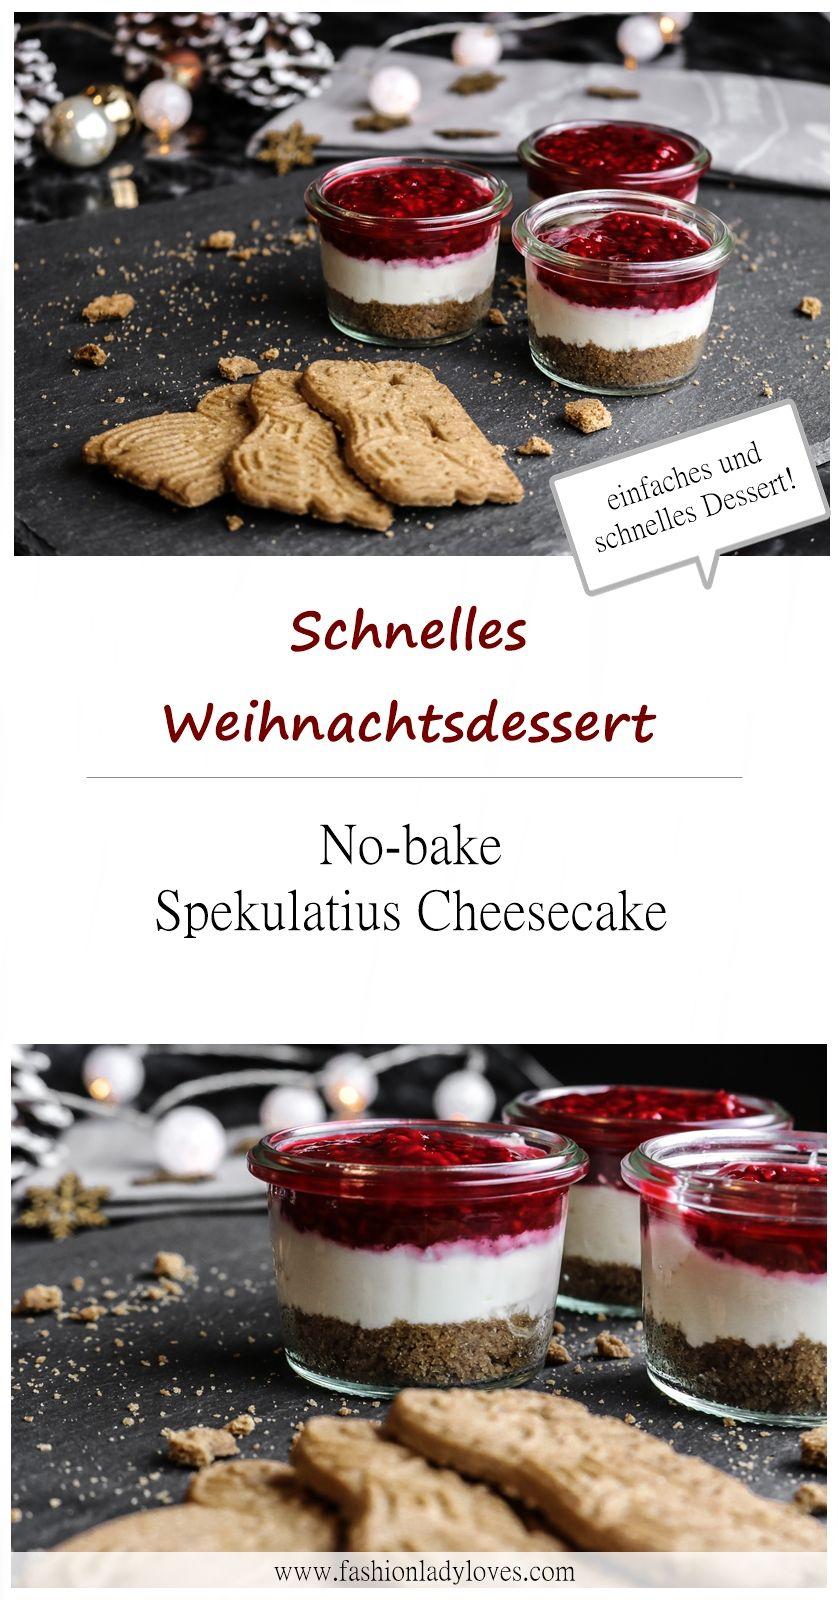 Schnelles Weihnachtsdessert: No-Bake Spekulatius Cheesecake mit Schnelle Einfache Weihnachtsdessert